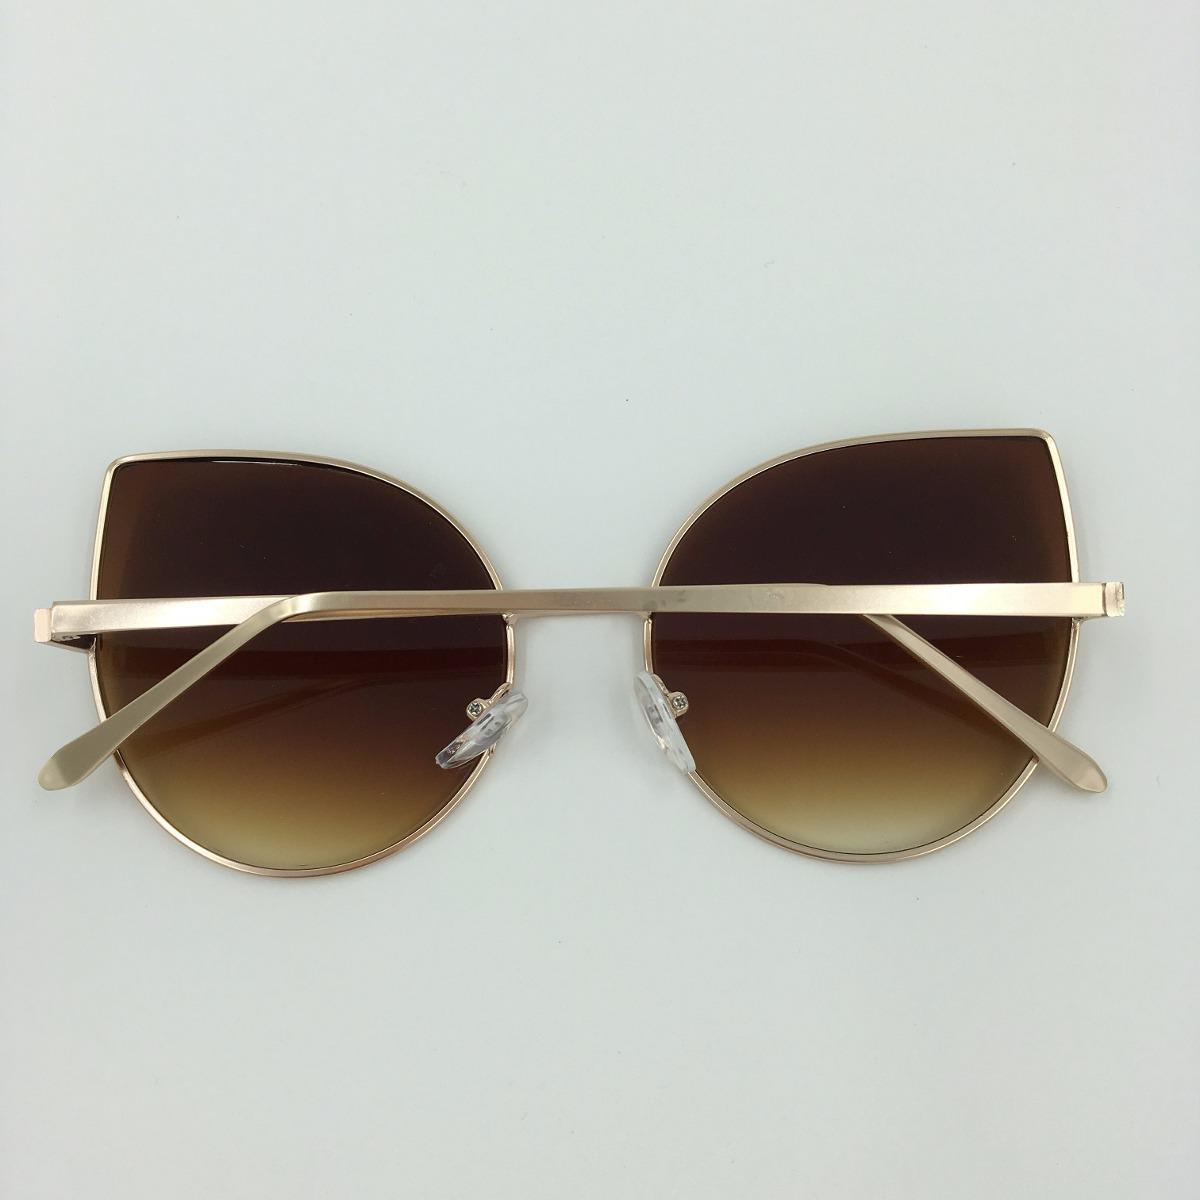 14682e1d45b66 óculos de sol espelhado feminino gato gatinho metal redondo. Carregando zoom .